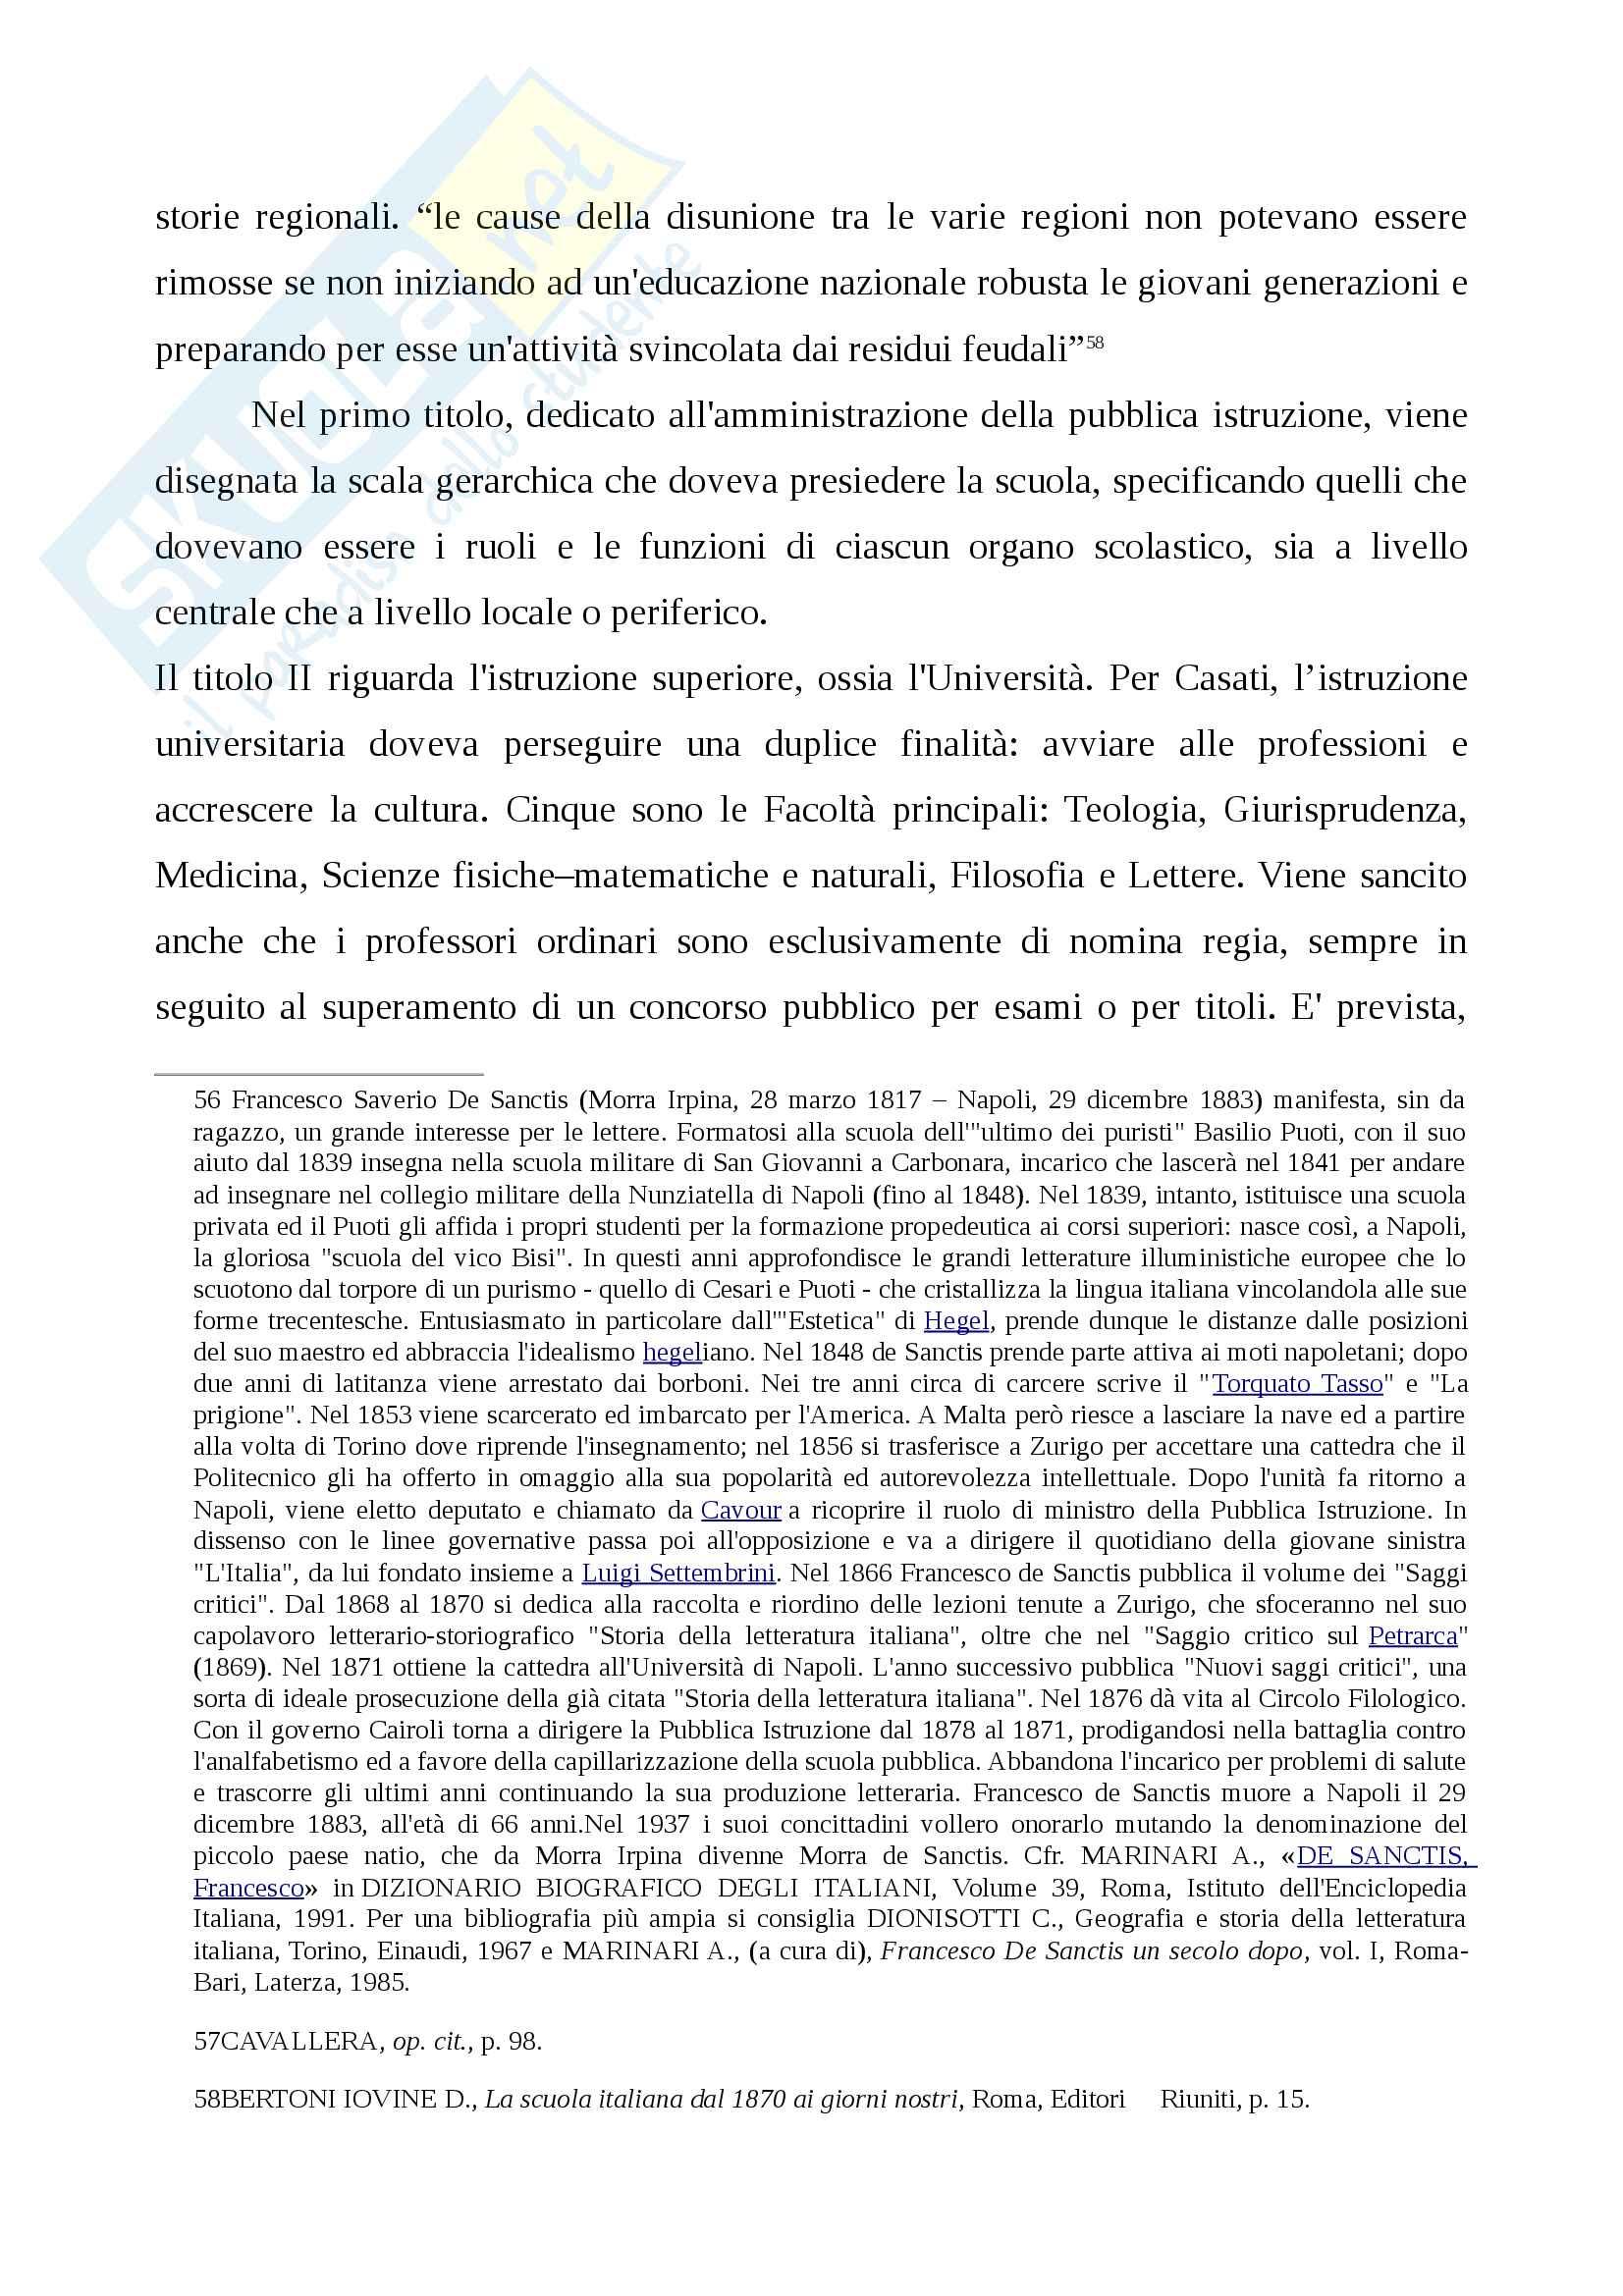 Storia della scuola italiana (legge Casati, Riforma Gentile) Pag. 21